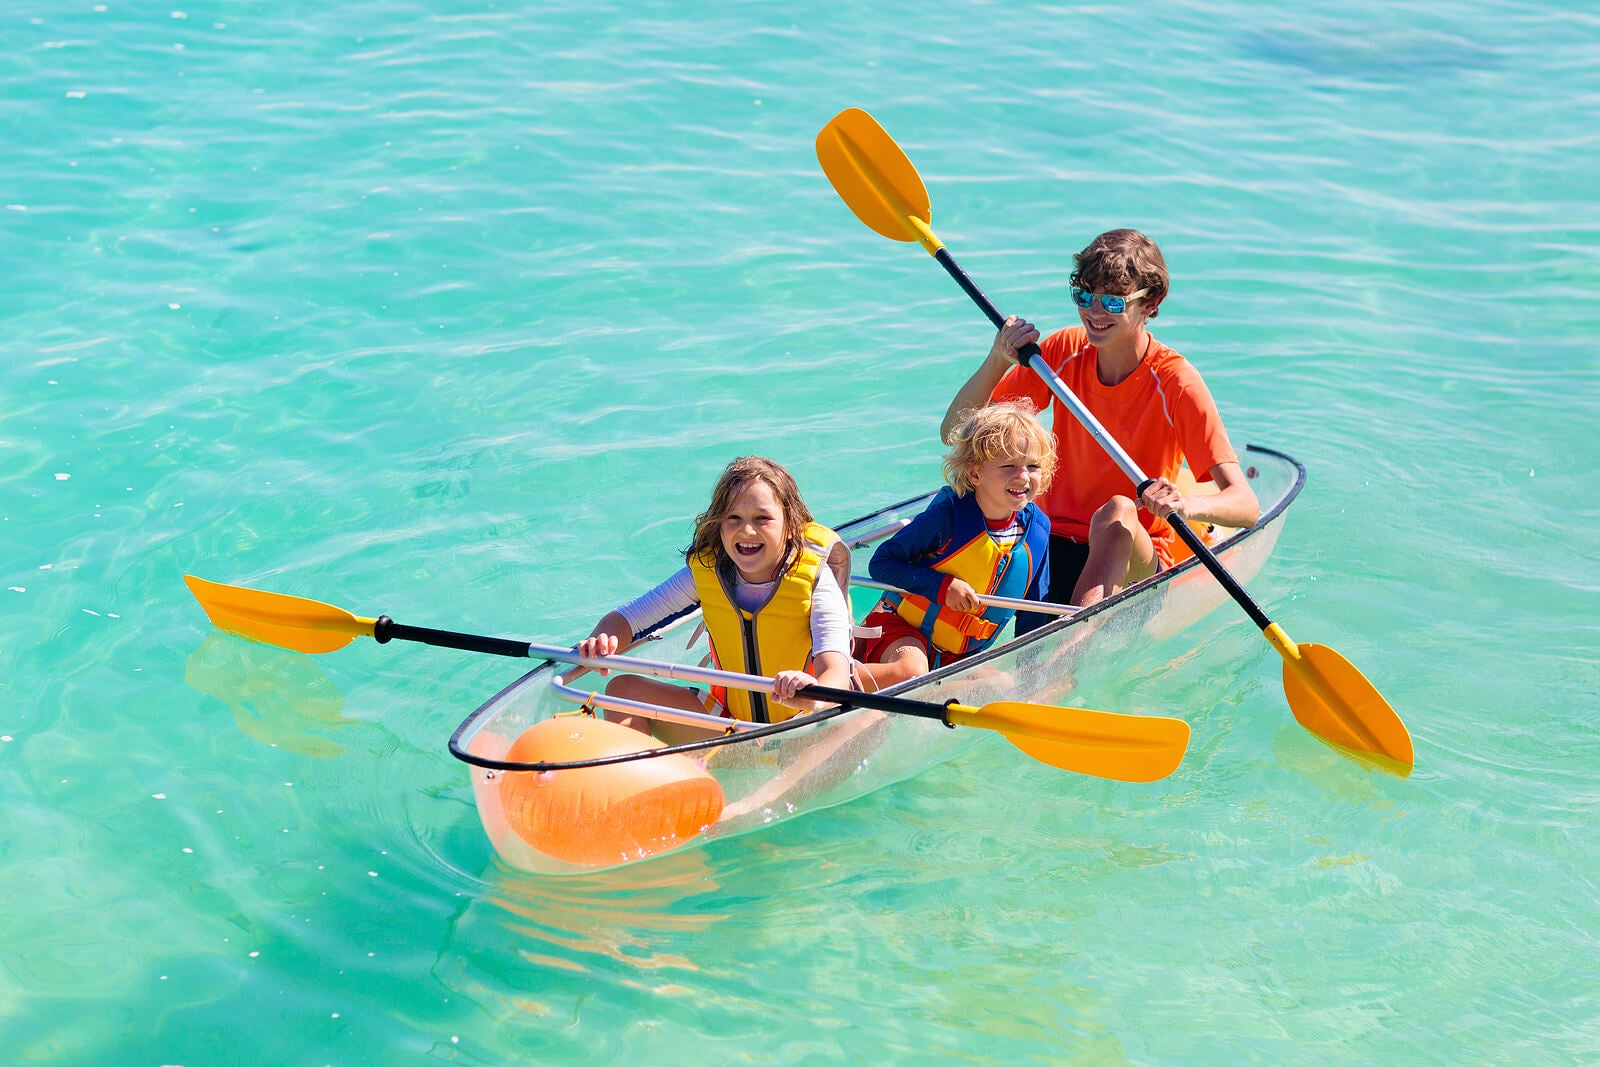 Niño en un kayak gracias a los beneficios de practicar deporte.